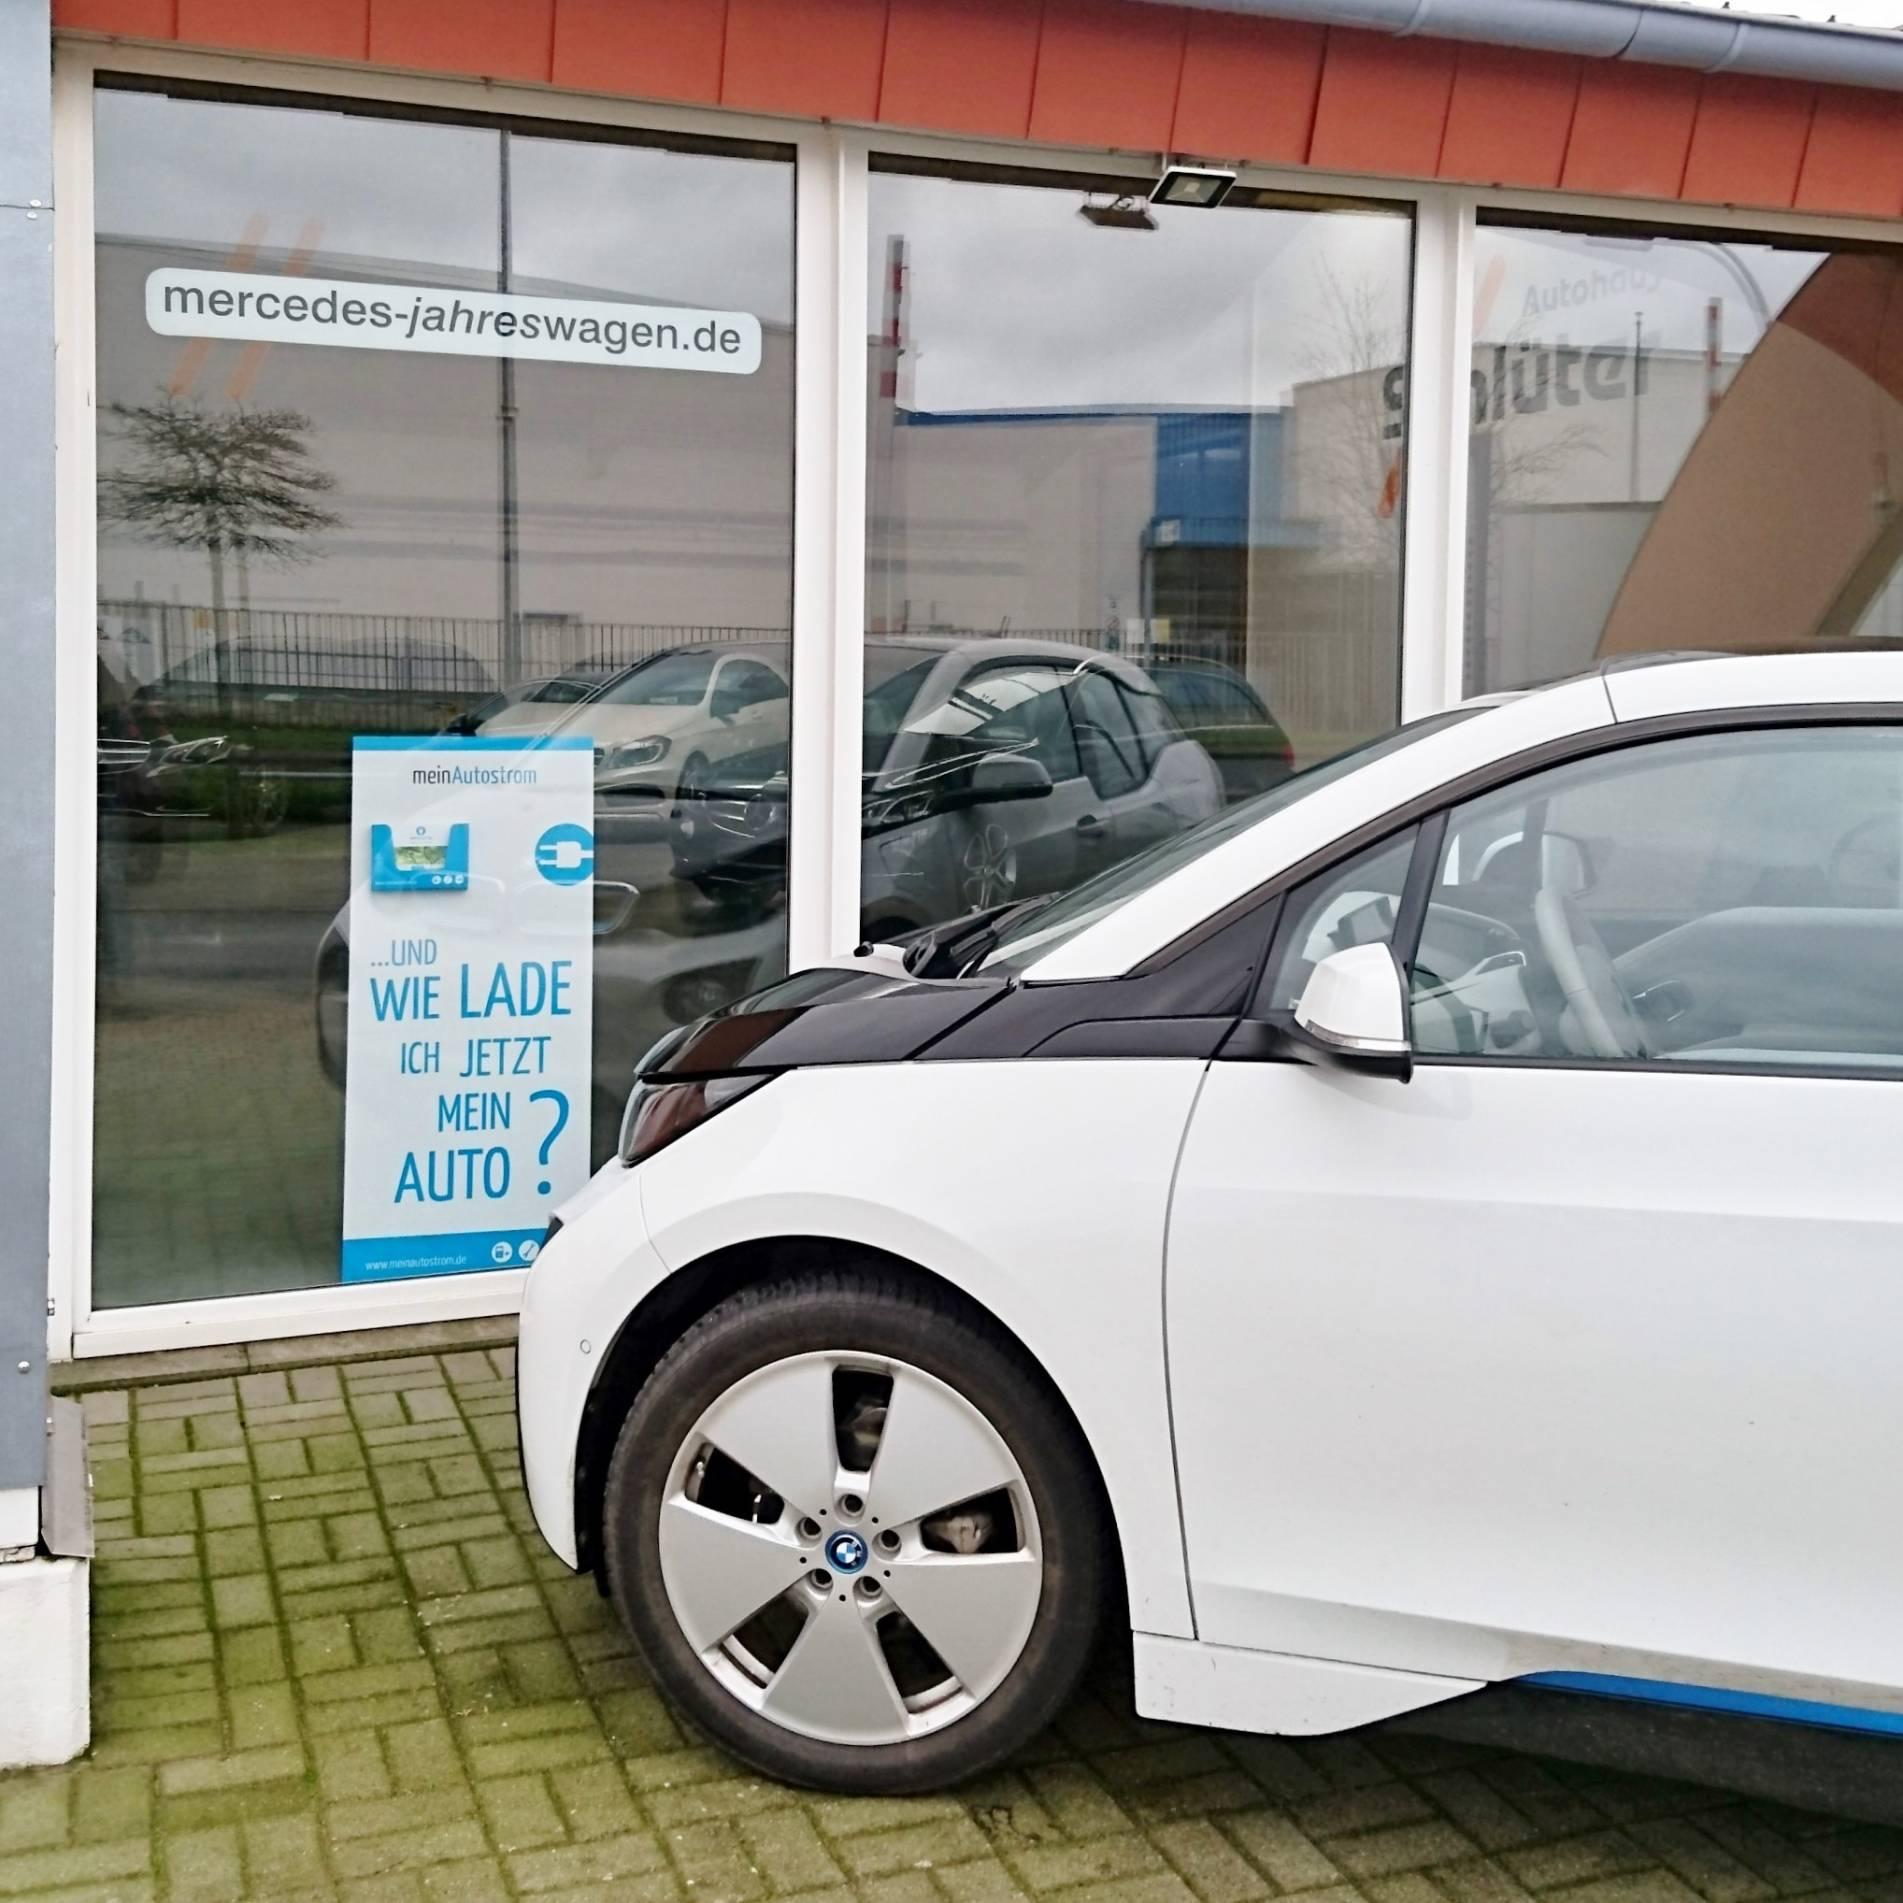 Autohaus Schlüter Ansicht BMW i3 mit meinAutostrom-Aufsteller